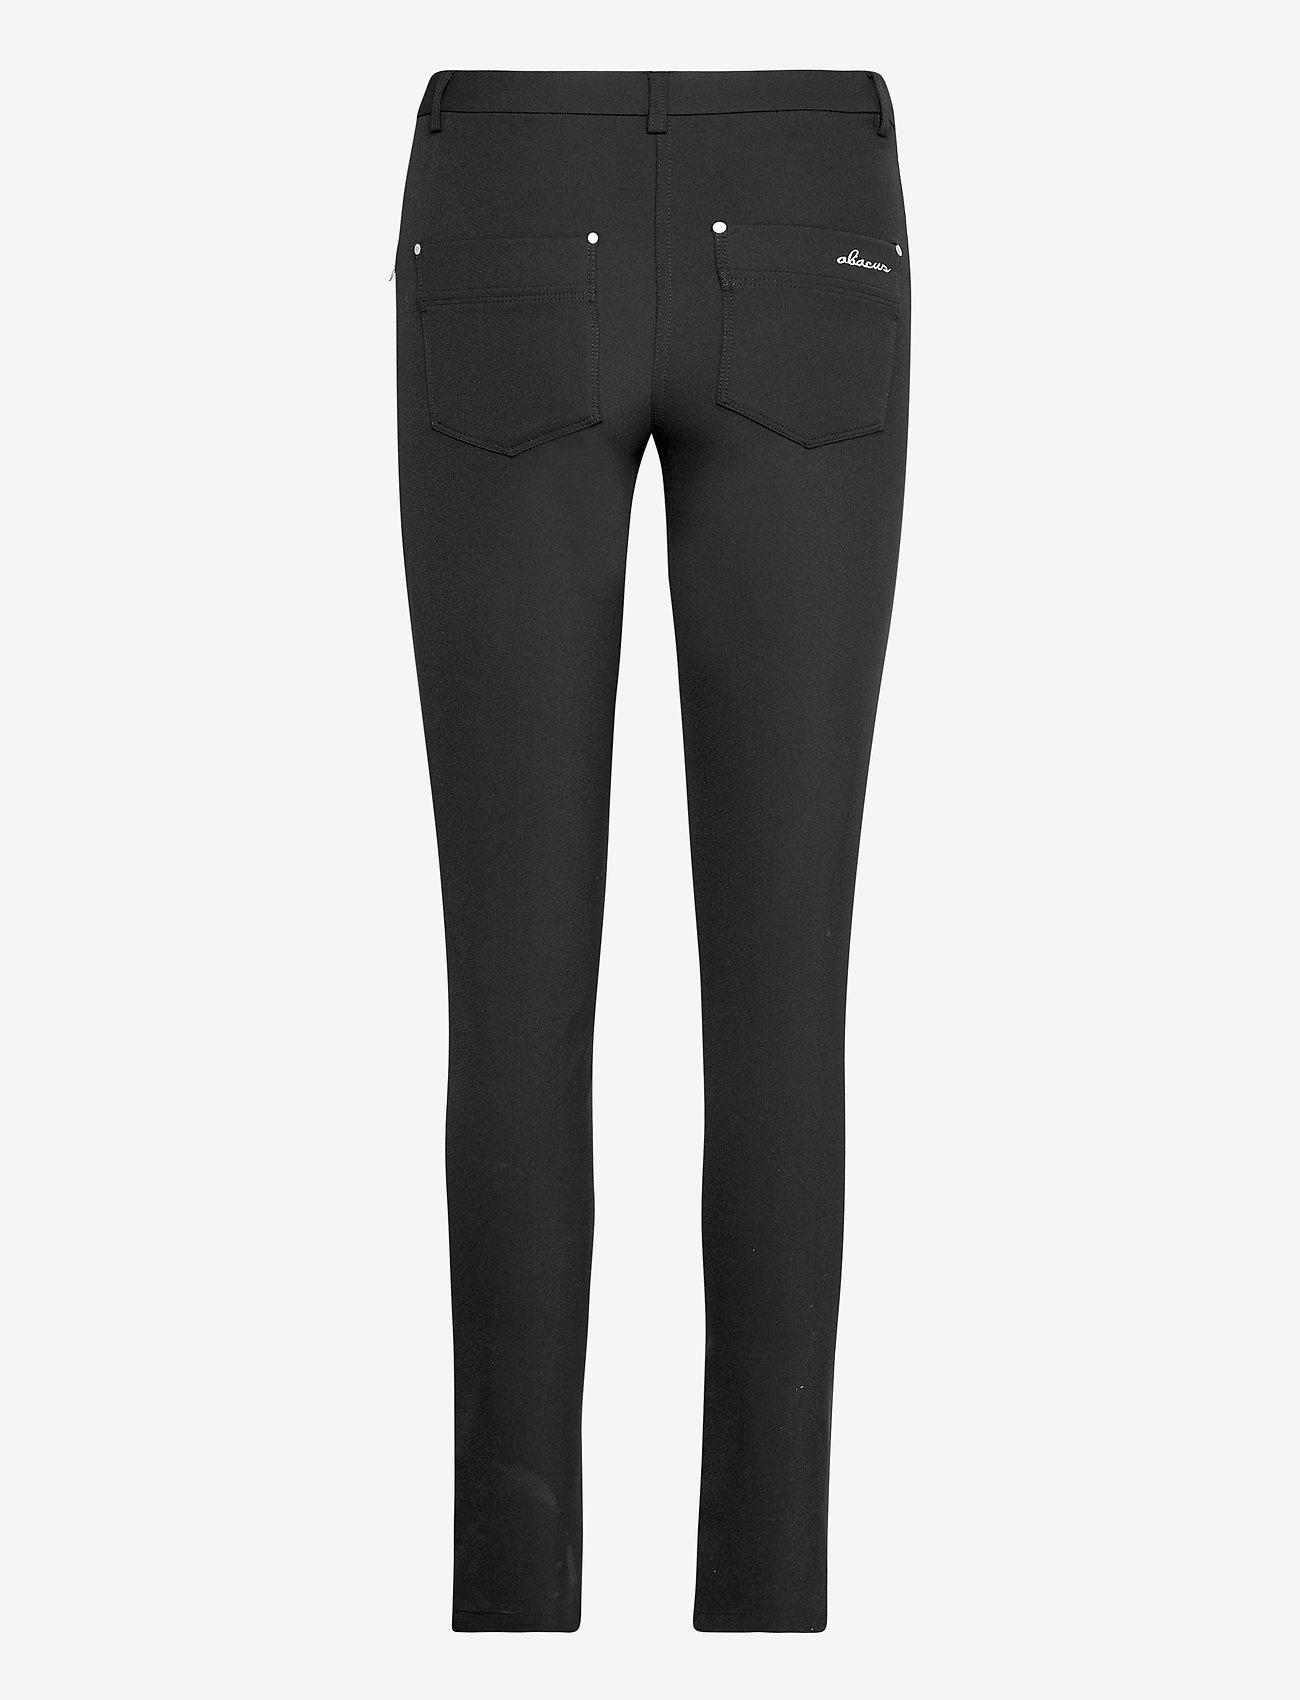 Abacus - Lds Grace trousers 103cm - golfbroeken - black - 1